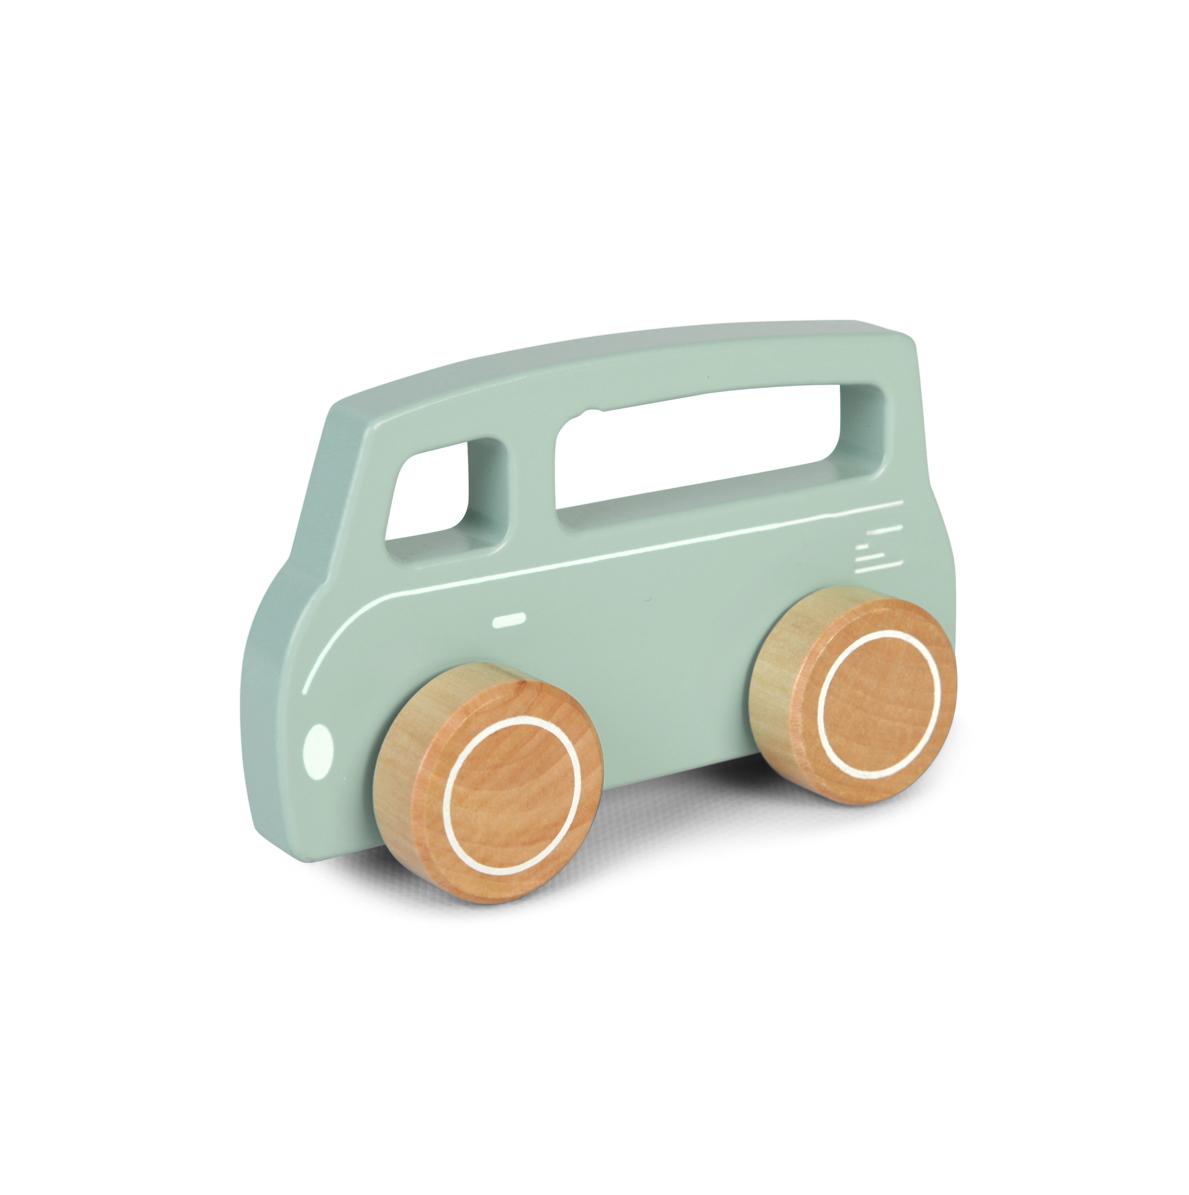 coche-van-madera-little-dutch-el-mundo-de-mico2